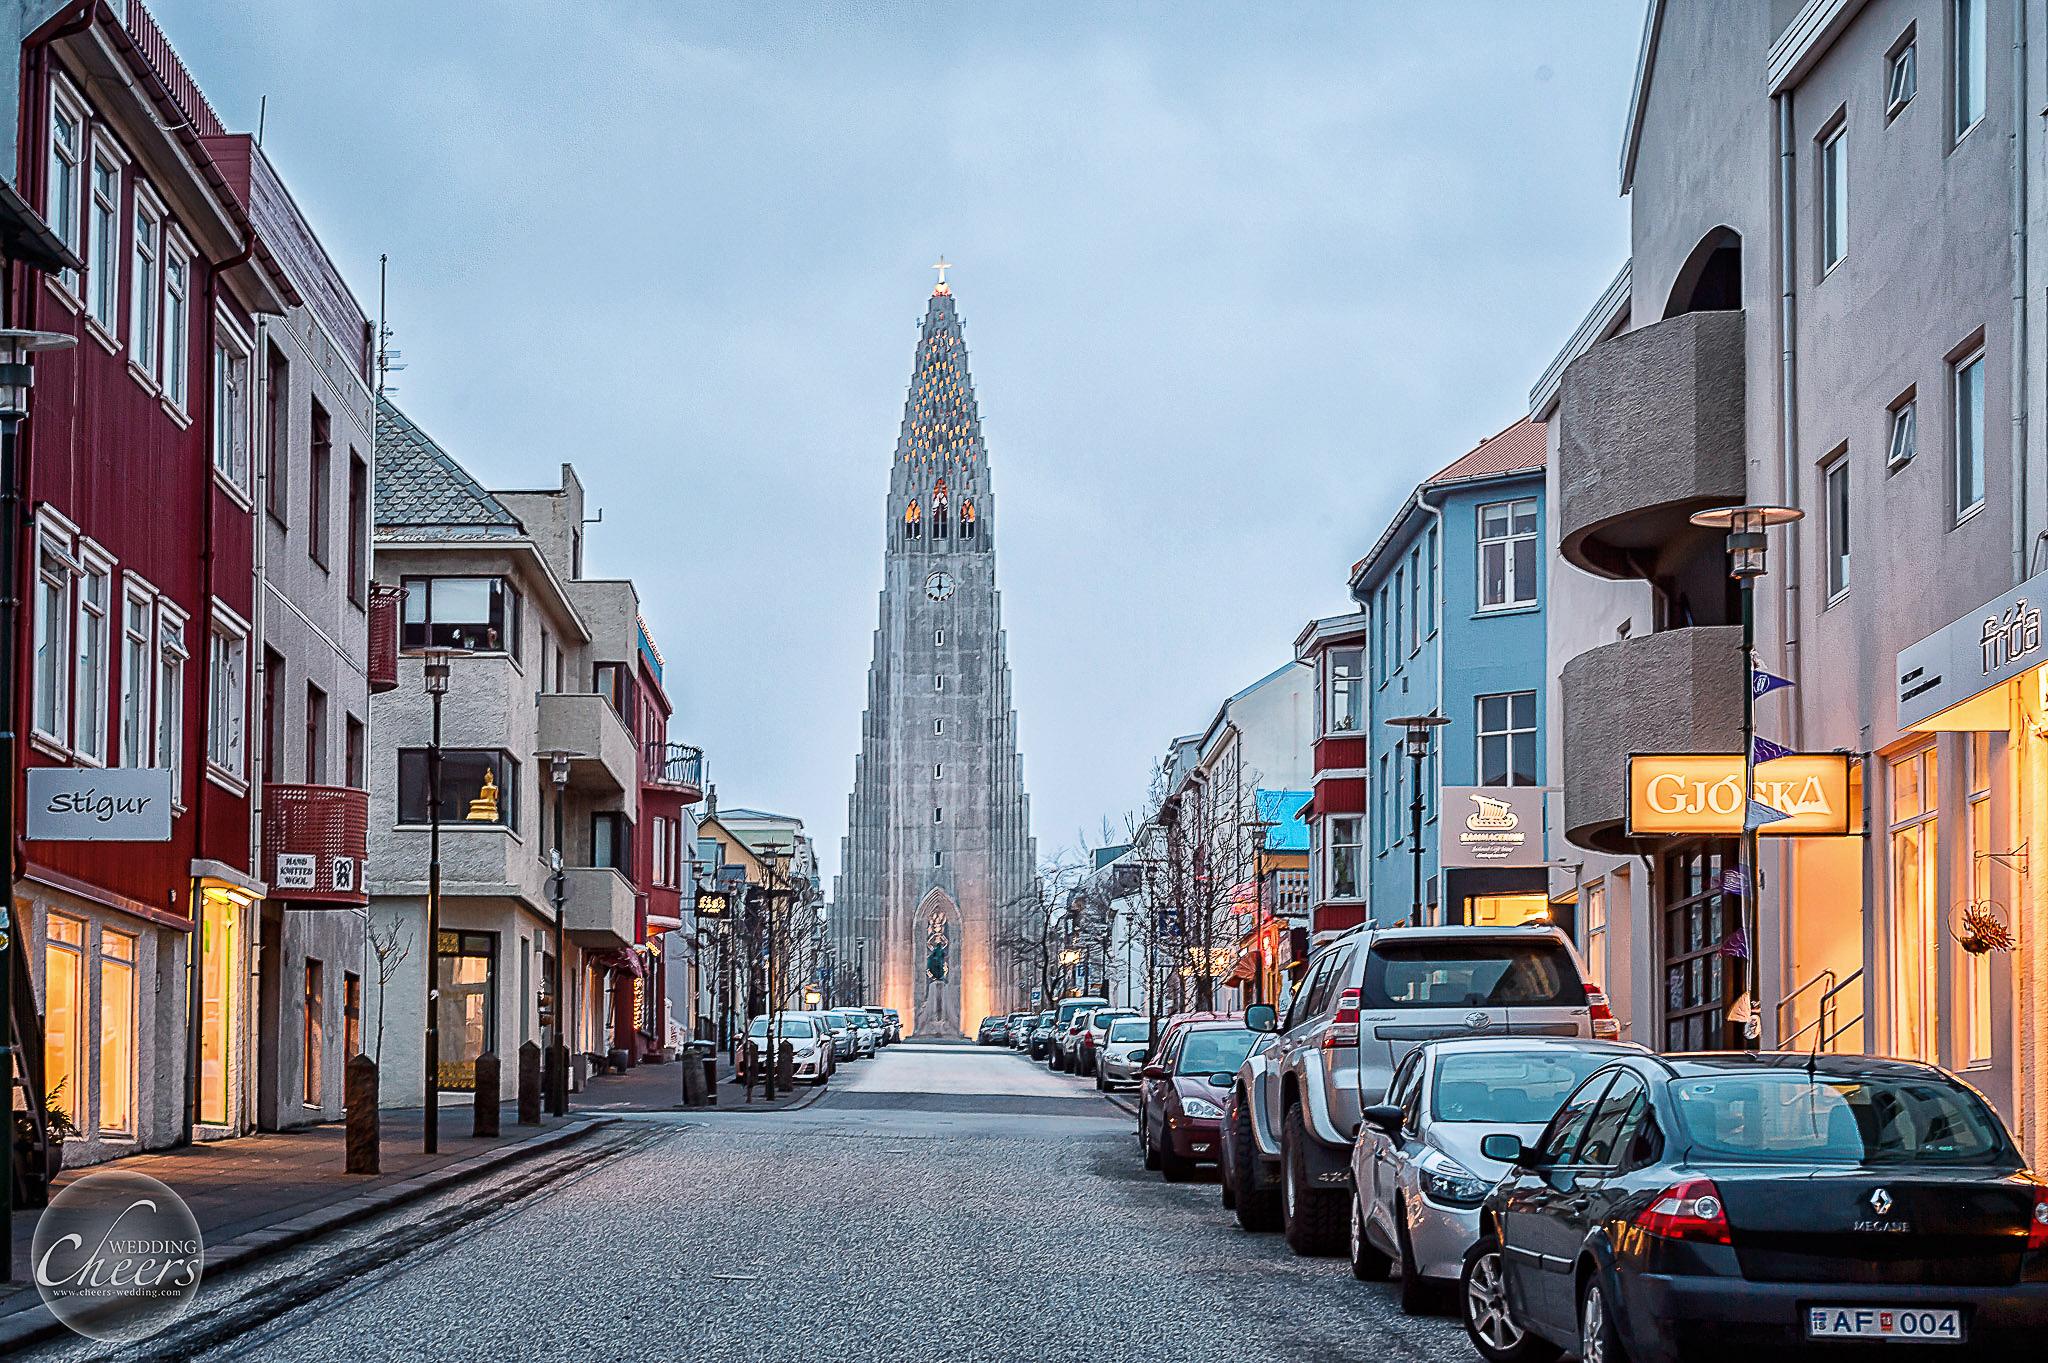 雷克雅維克 Reykjavik 冰島婚紗 海外婚紗 乾杯婚禮 cheerswedding